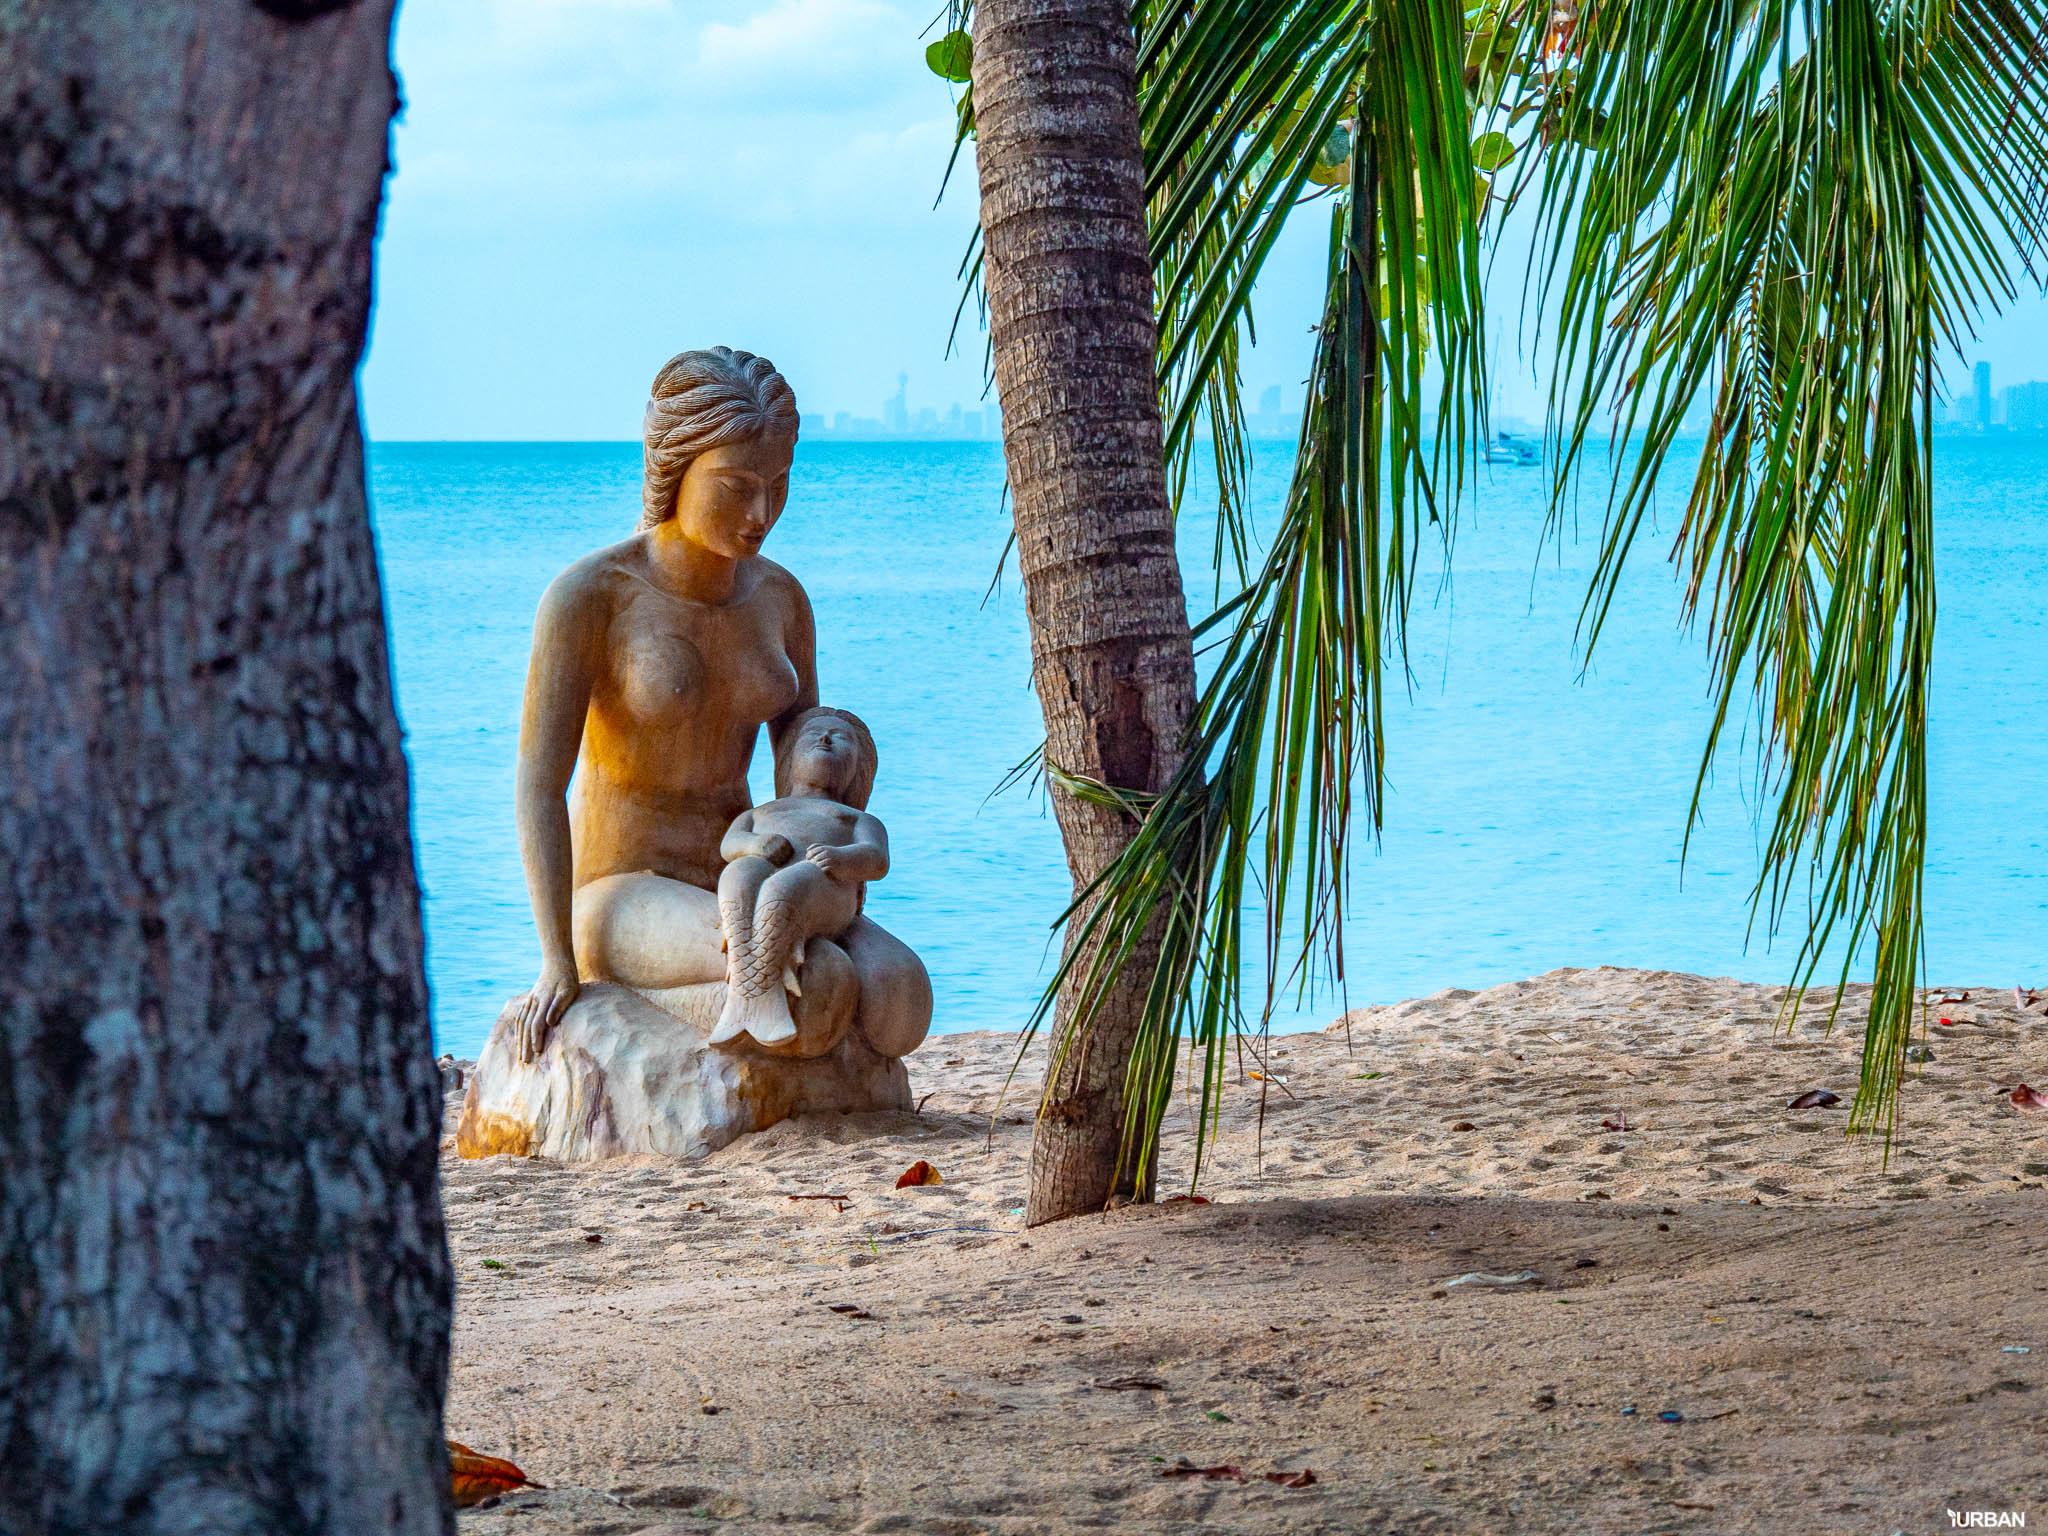 7 ชายหาดทะเลพัทยา ที่ยังสวยสะอาดน่าเที่ยวใกล้กรุงเทพ ไม่ต้องหนีร้อนไปไกล ก็พักได้ ชิลๆ 164 - Beach